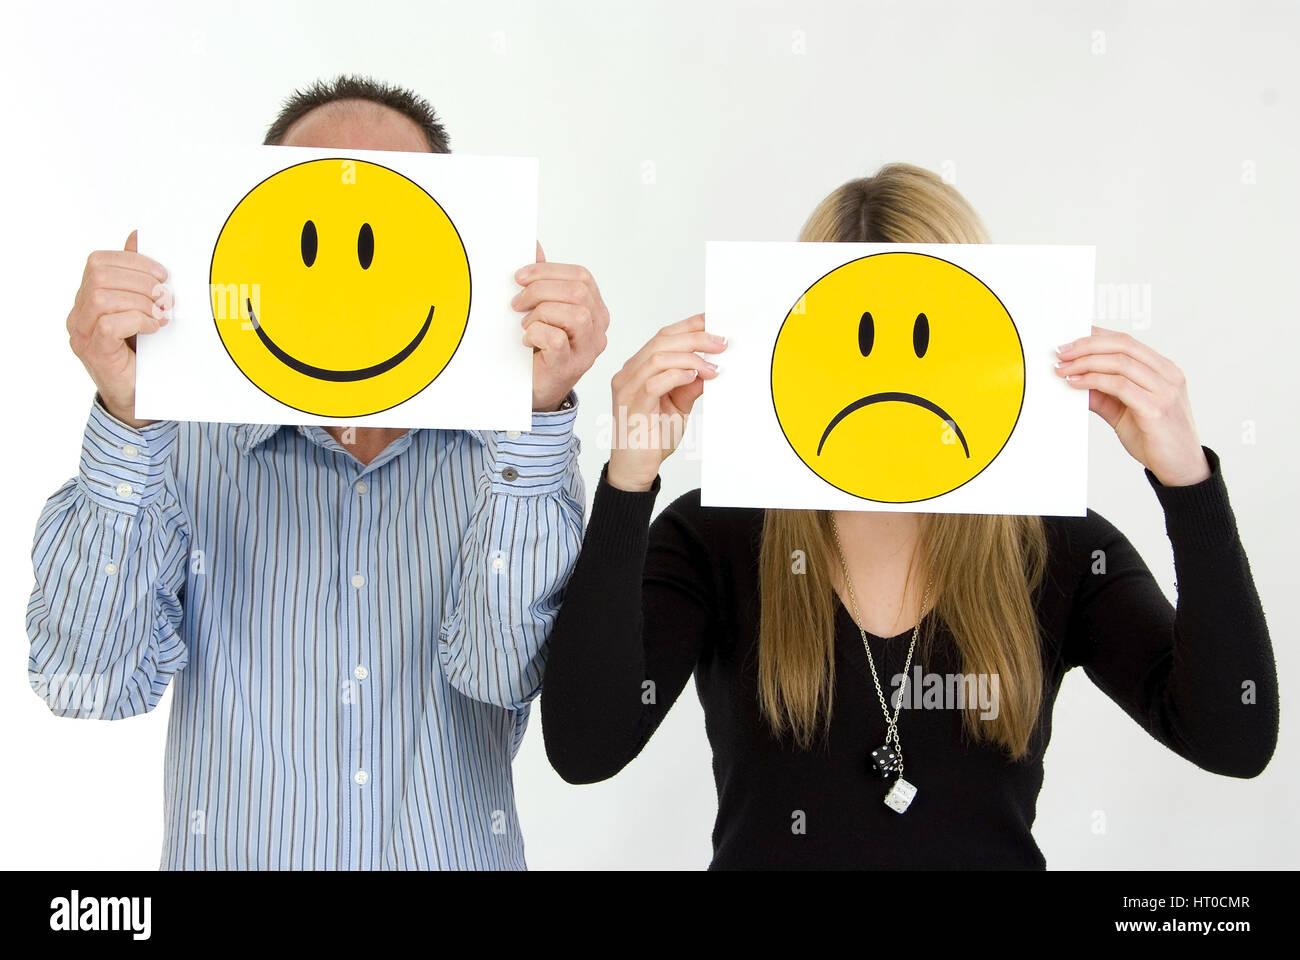 lachender Mann, traurige Frau, Symbolbild unausgeglichene Partnerschaft - sad woman, lucky man - Stock Image